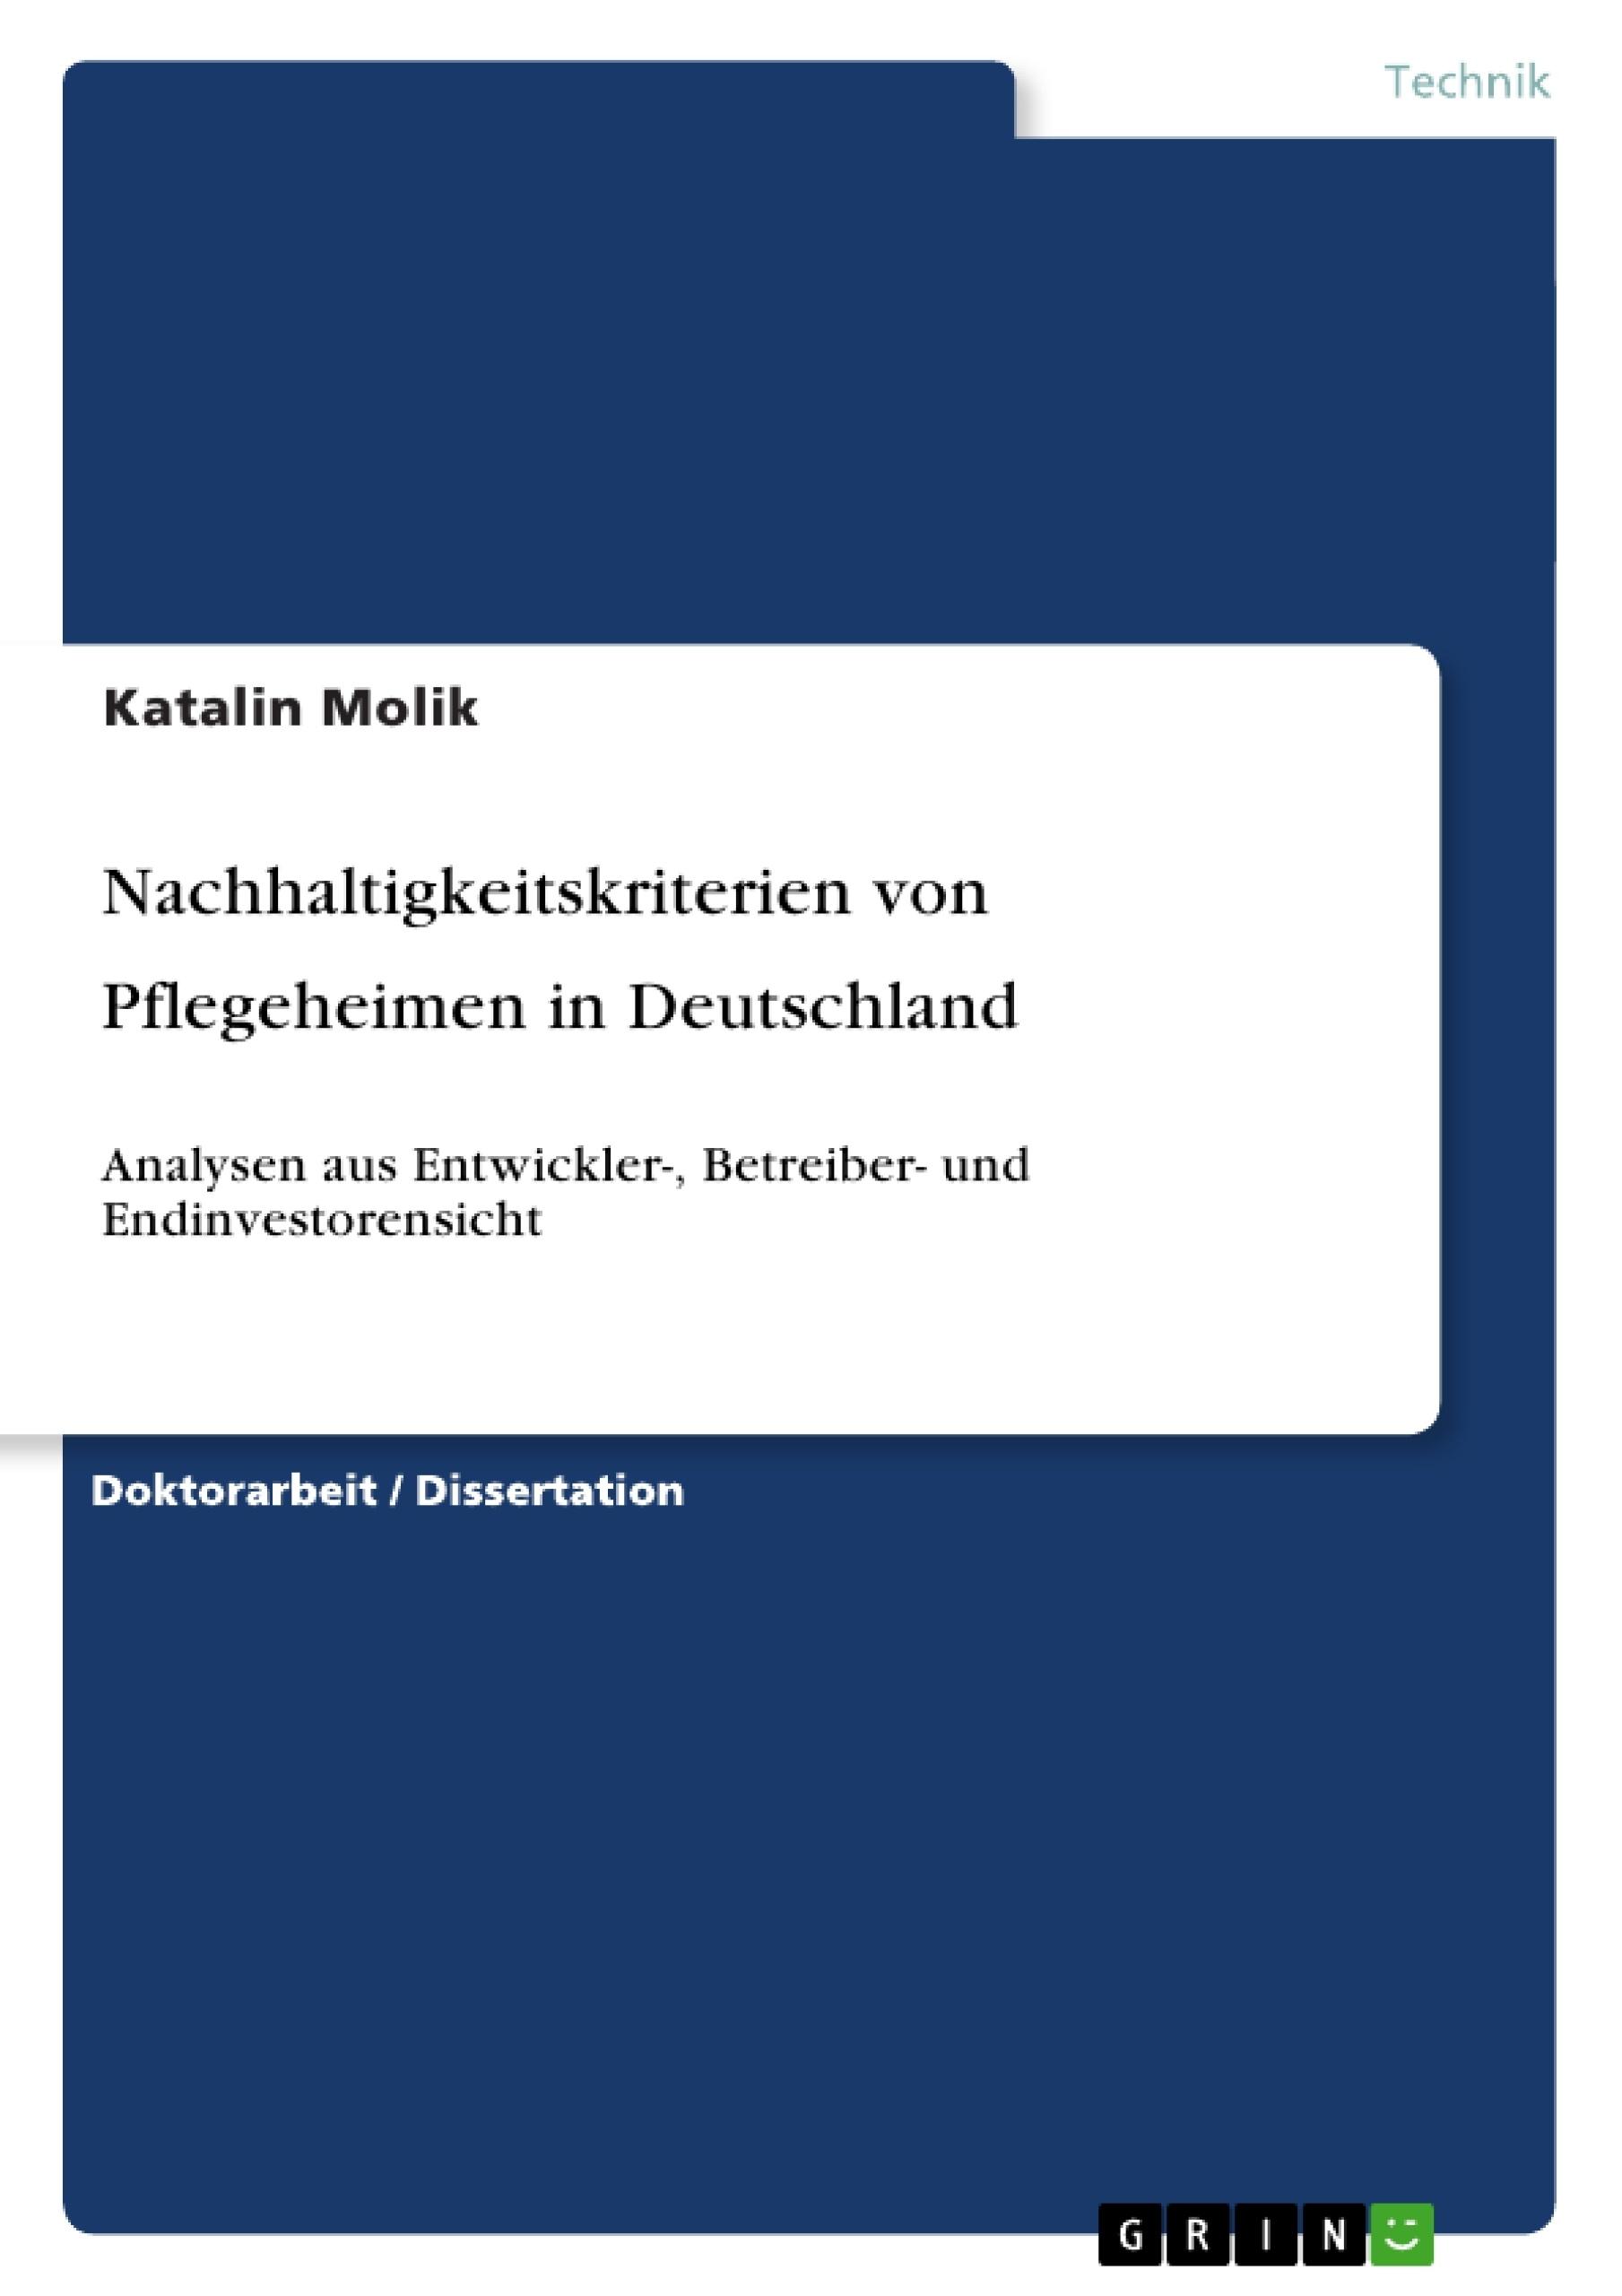 Titel: Nachhaltigkeitskriterien von Pflegeheimen in Deutschland